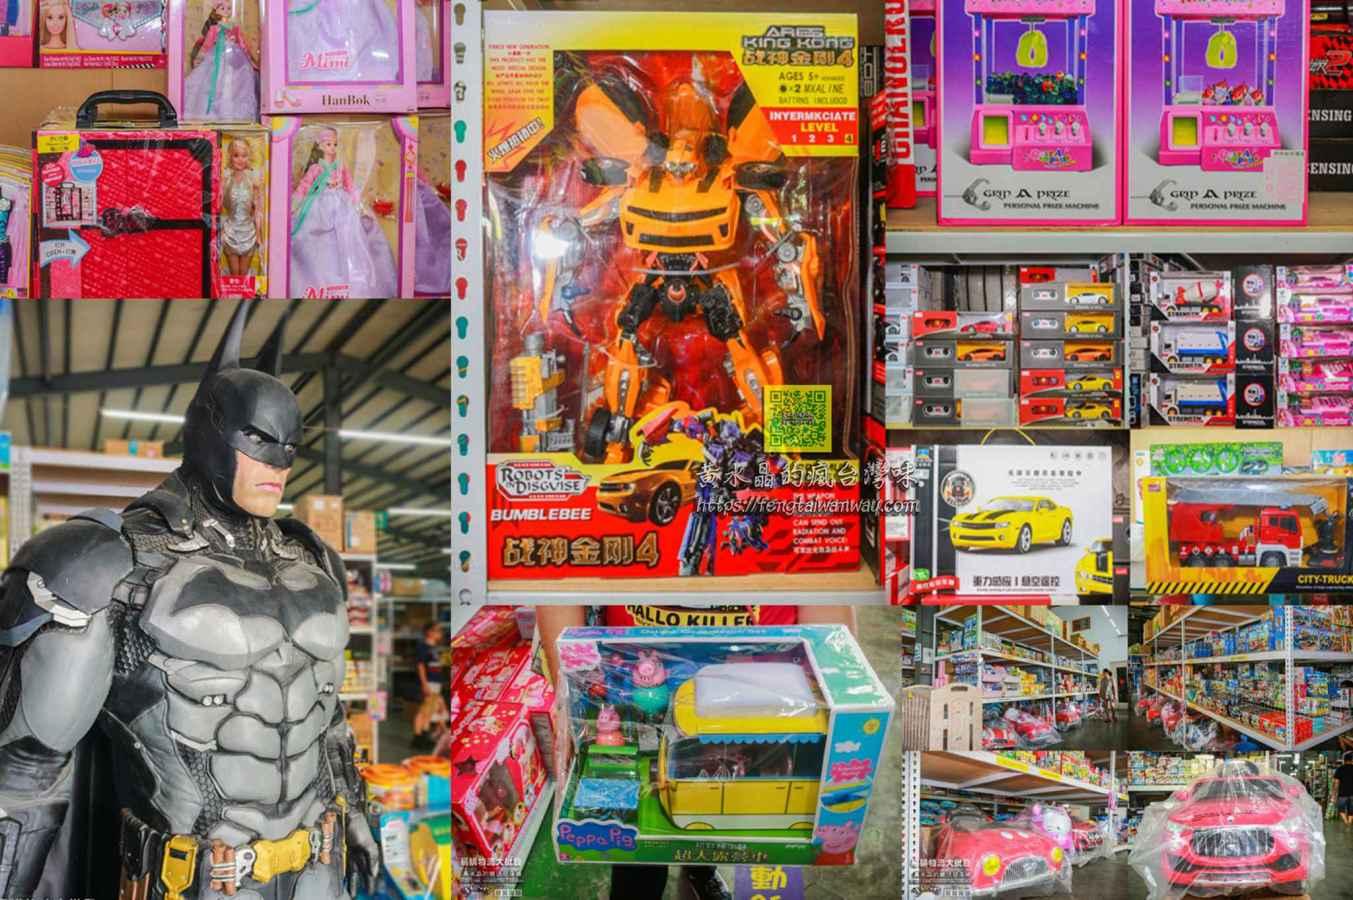 易購玩具王國【彰化玩具】|彰化員林必逛的高CP值玩具批發賣場;從夜市到專櫃玩具禮品全部都有 @黃水晶的瘋台灣味